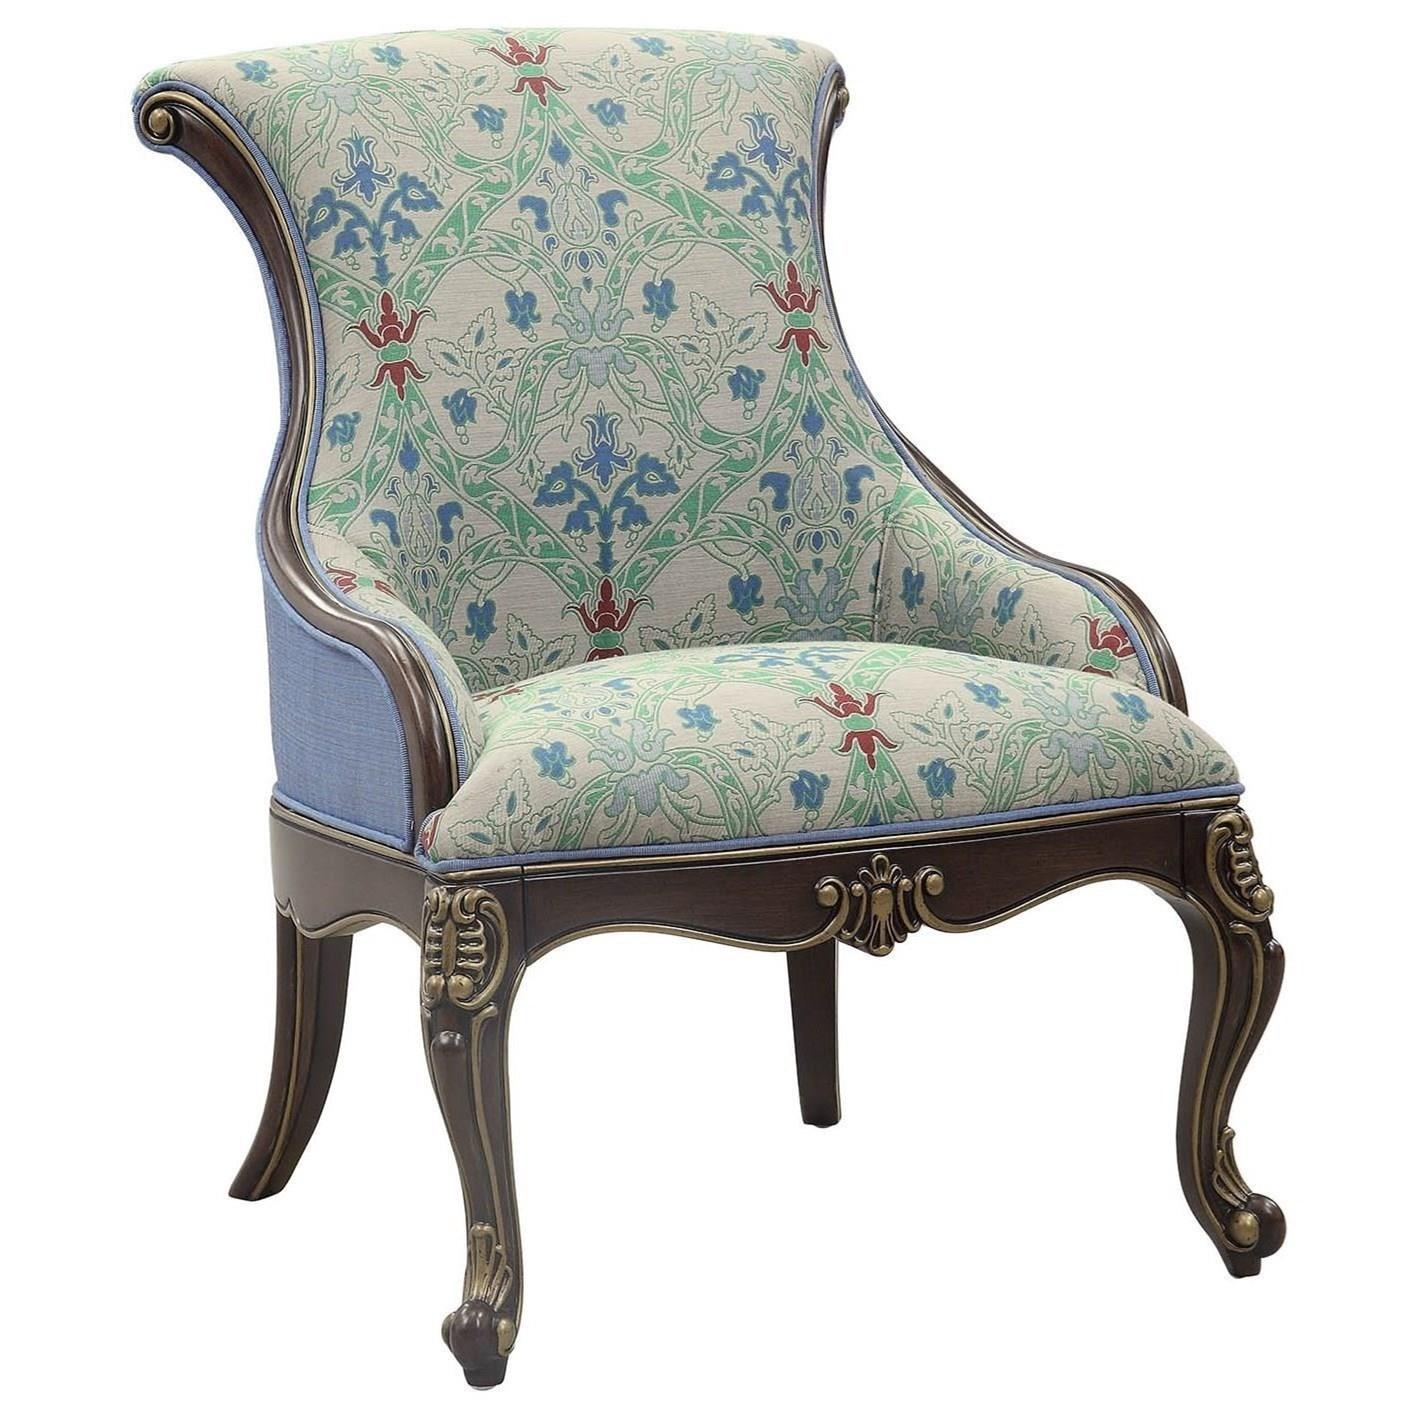 Accent Chair & Pillow